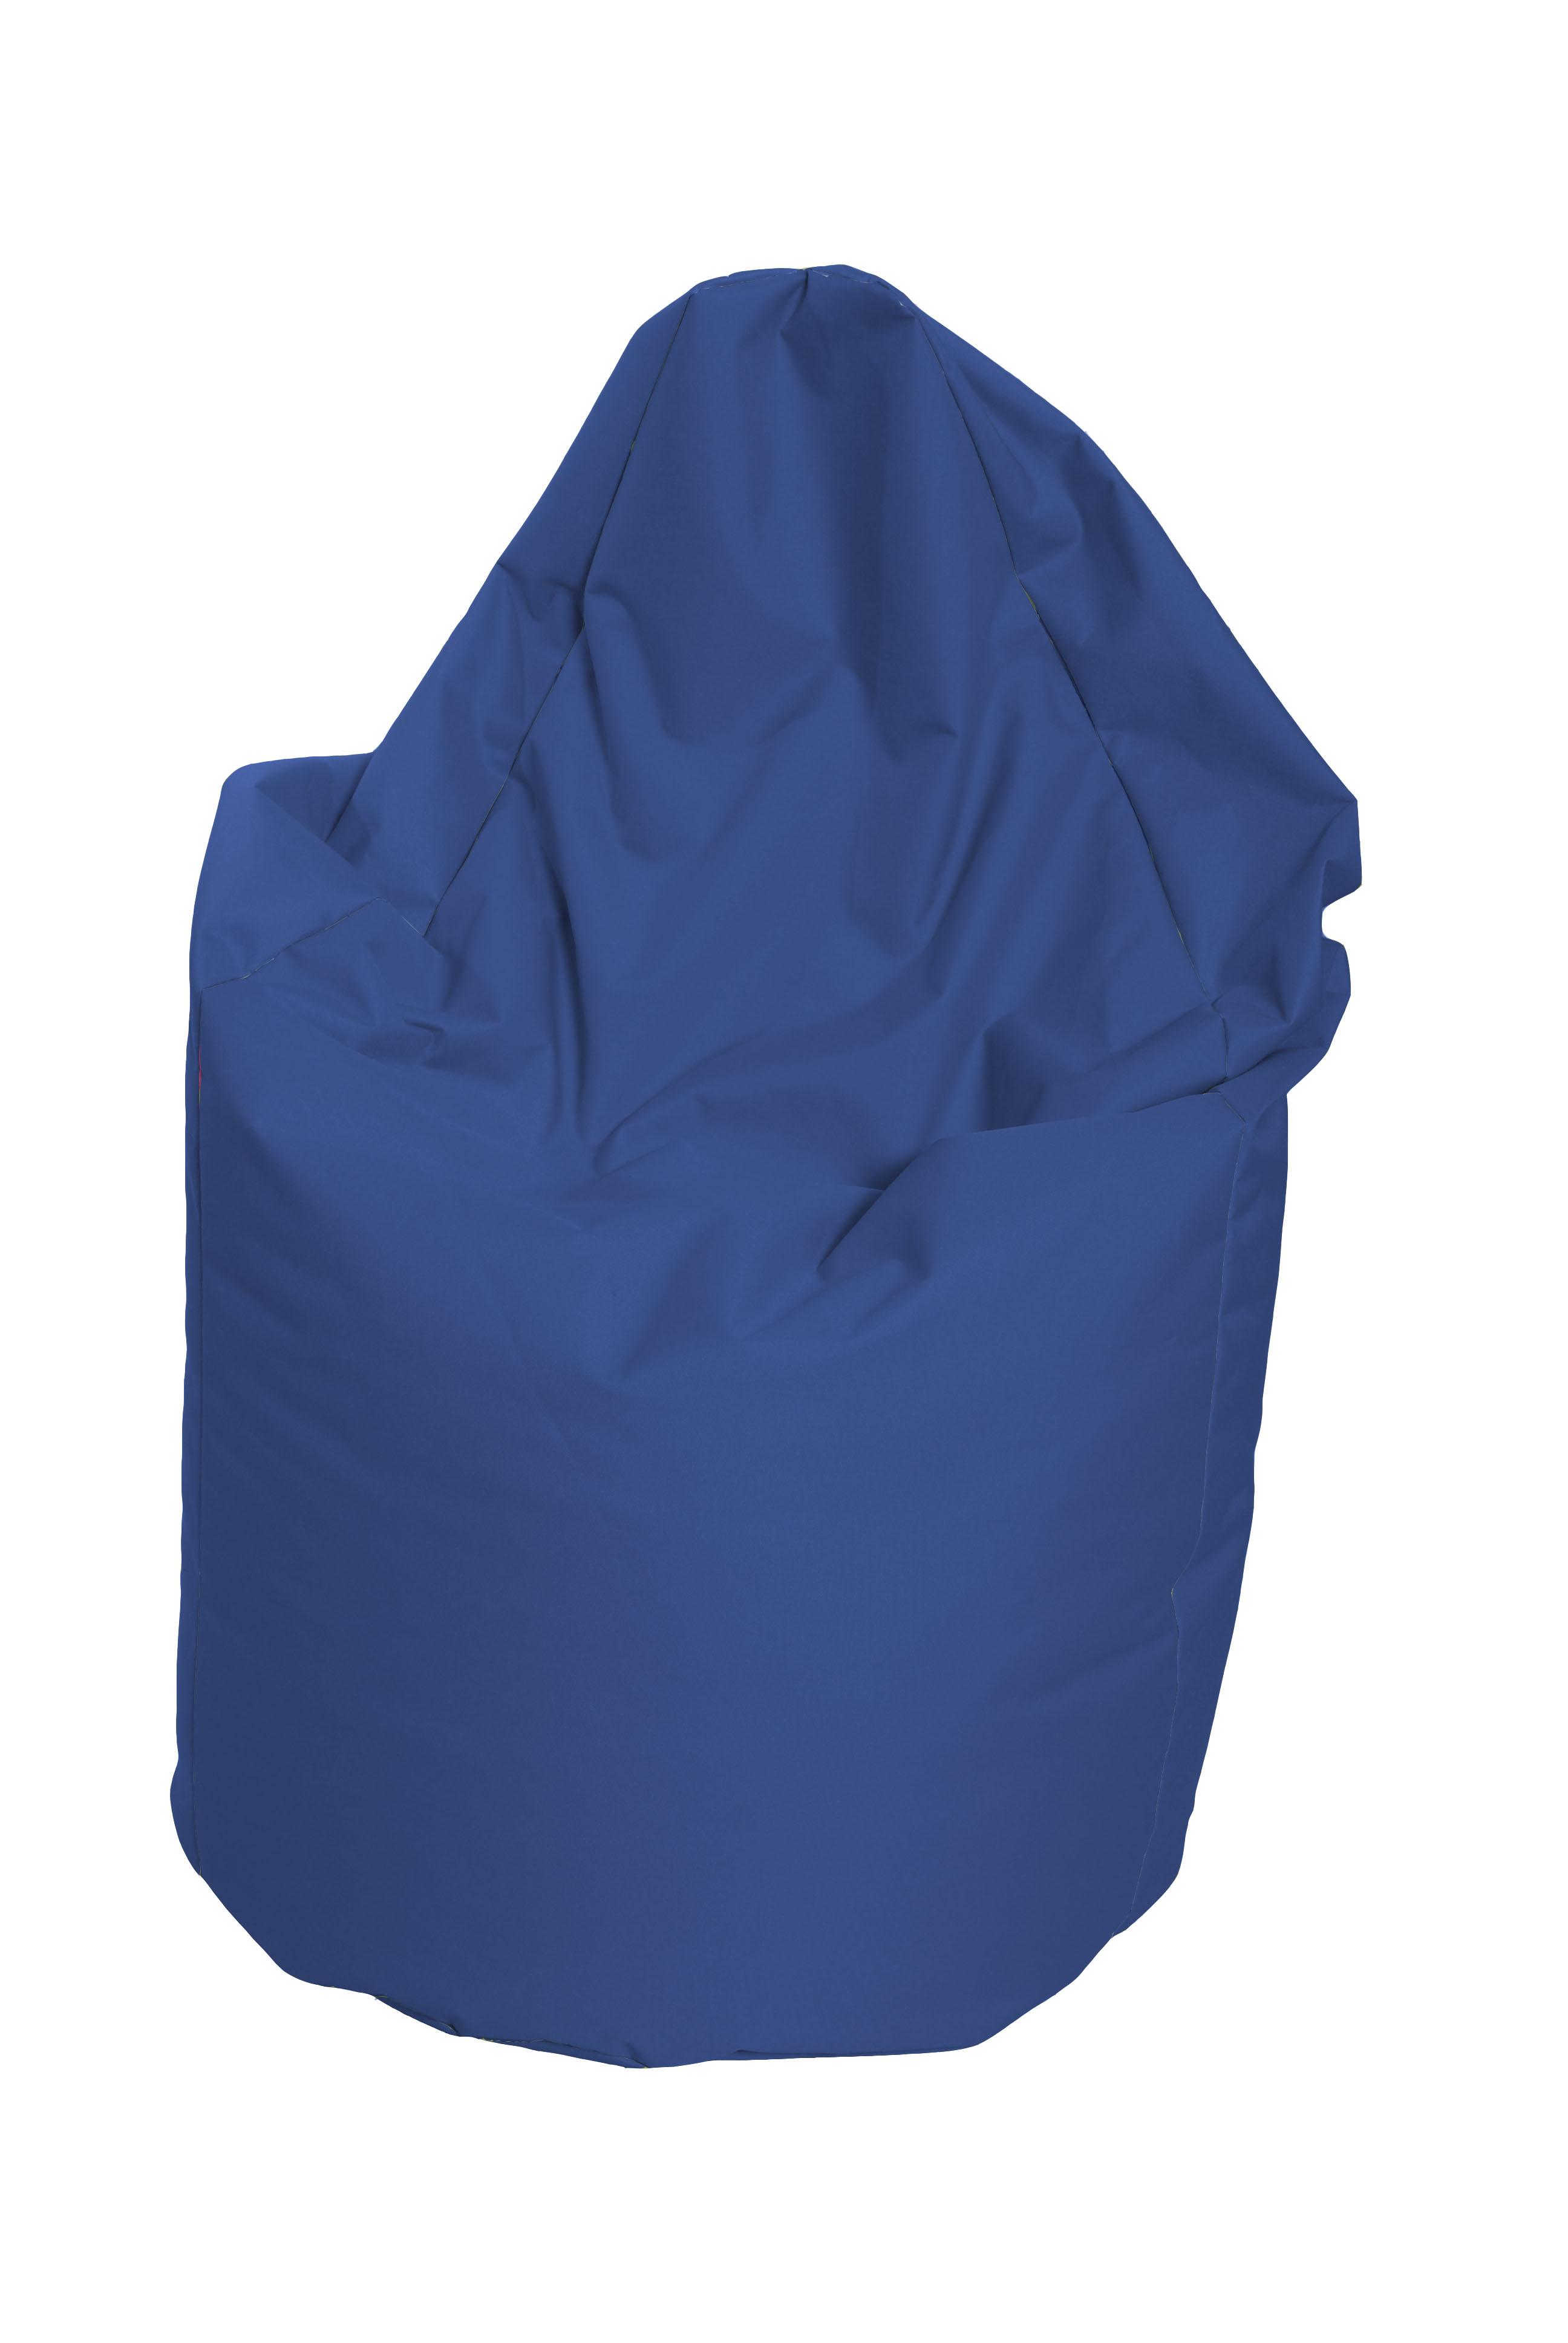 M&M sedací vak hruška Mega vnitřní obal 140x80cm modrá (modrá 80175)